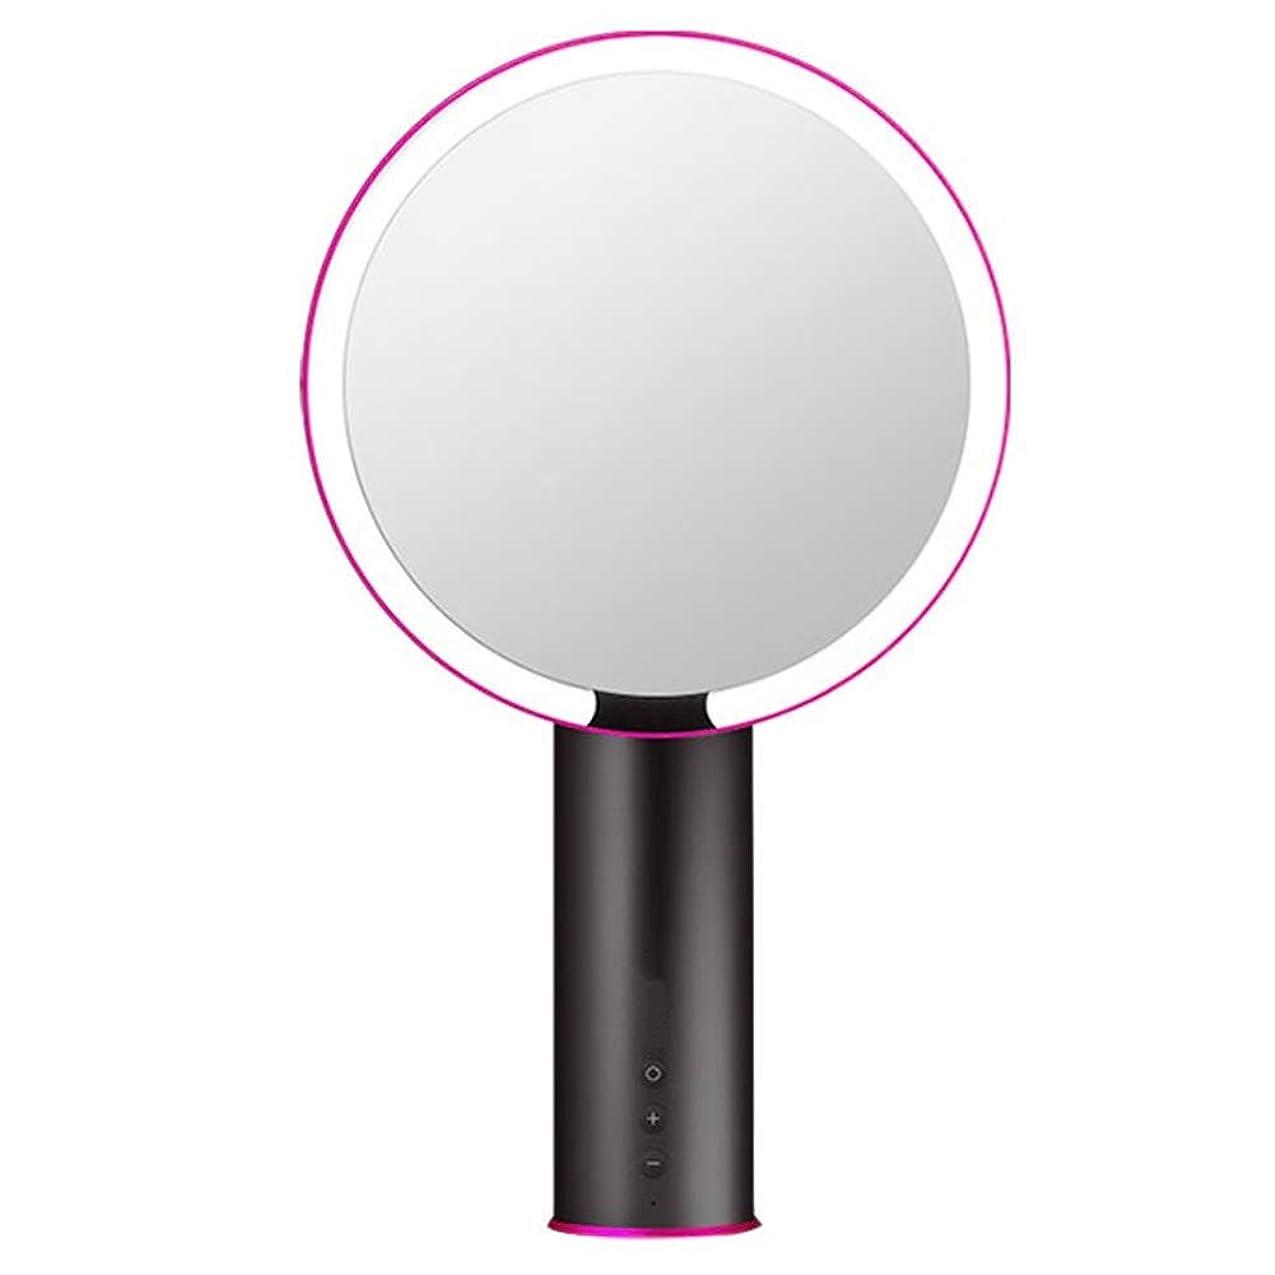 アルプス省テロライト付き化粧鏡、3色のLEDライト調整可能な明るさ充電式ポータブル美容ホームトラベルギフト用化粧鏡、スペースグレー